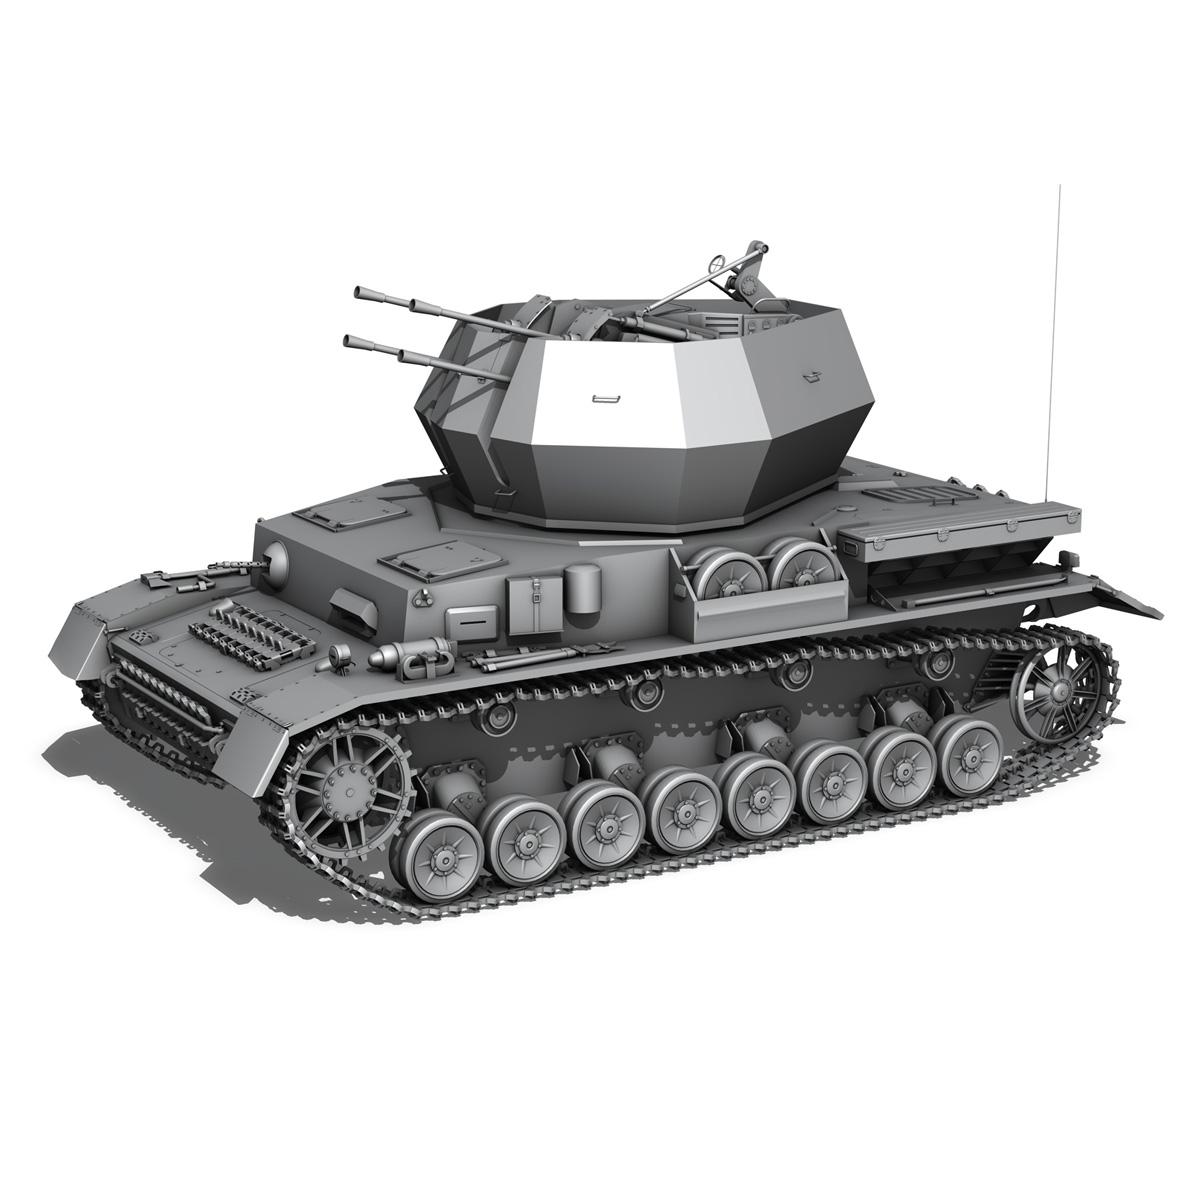 flakpanzer 4 - wirbelwind 3d model 3ds fbx c4d lwo obj 190385